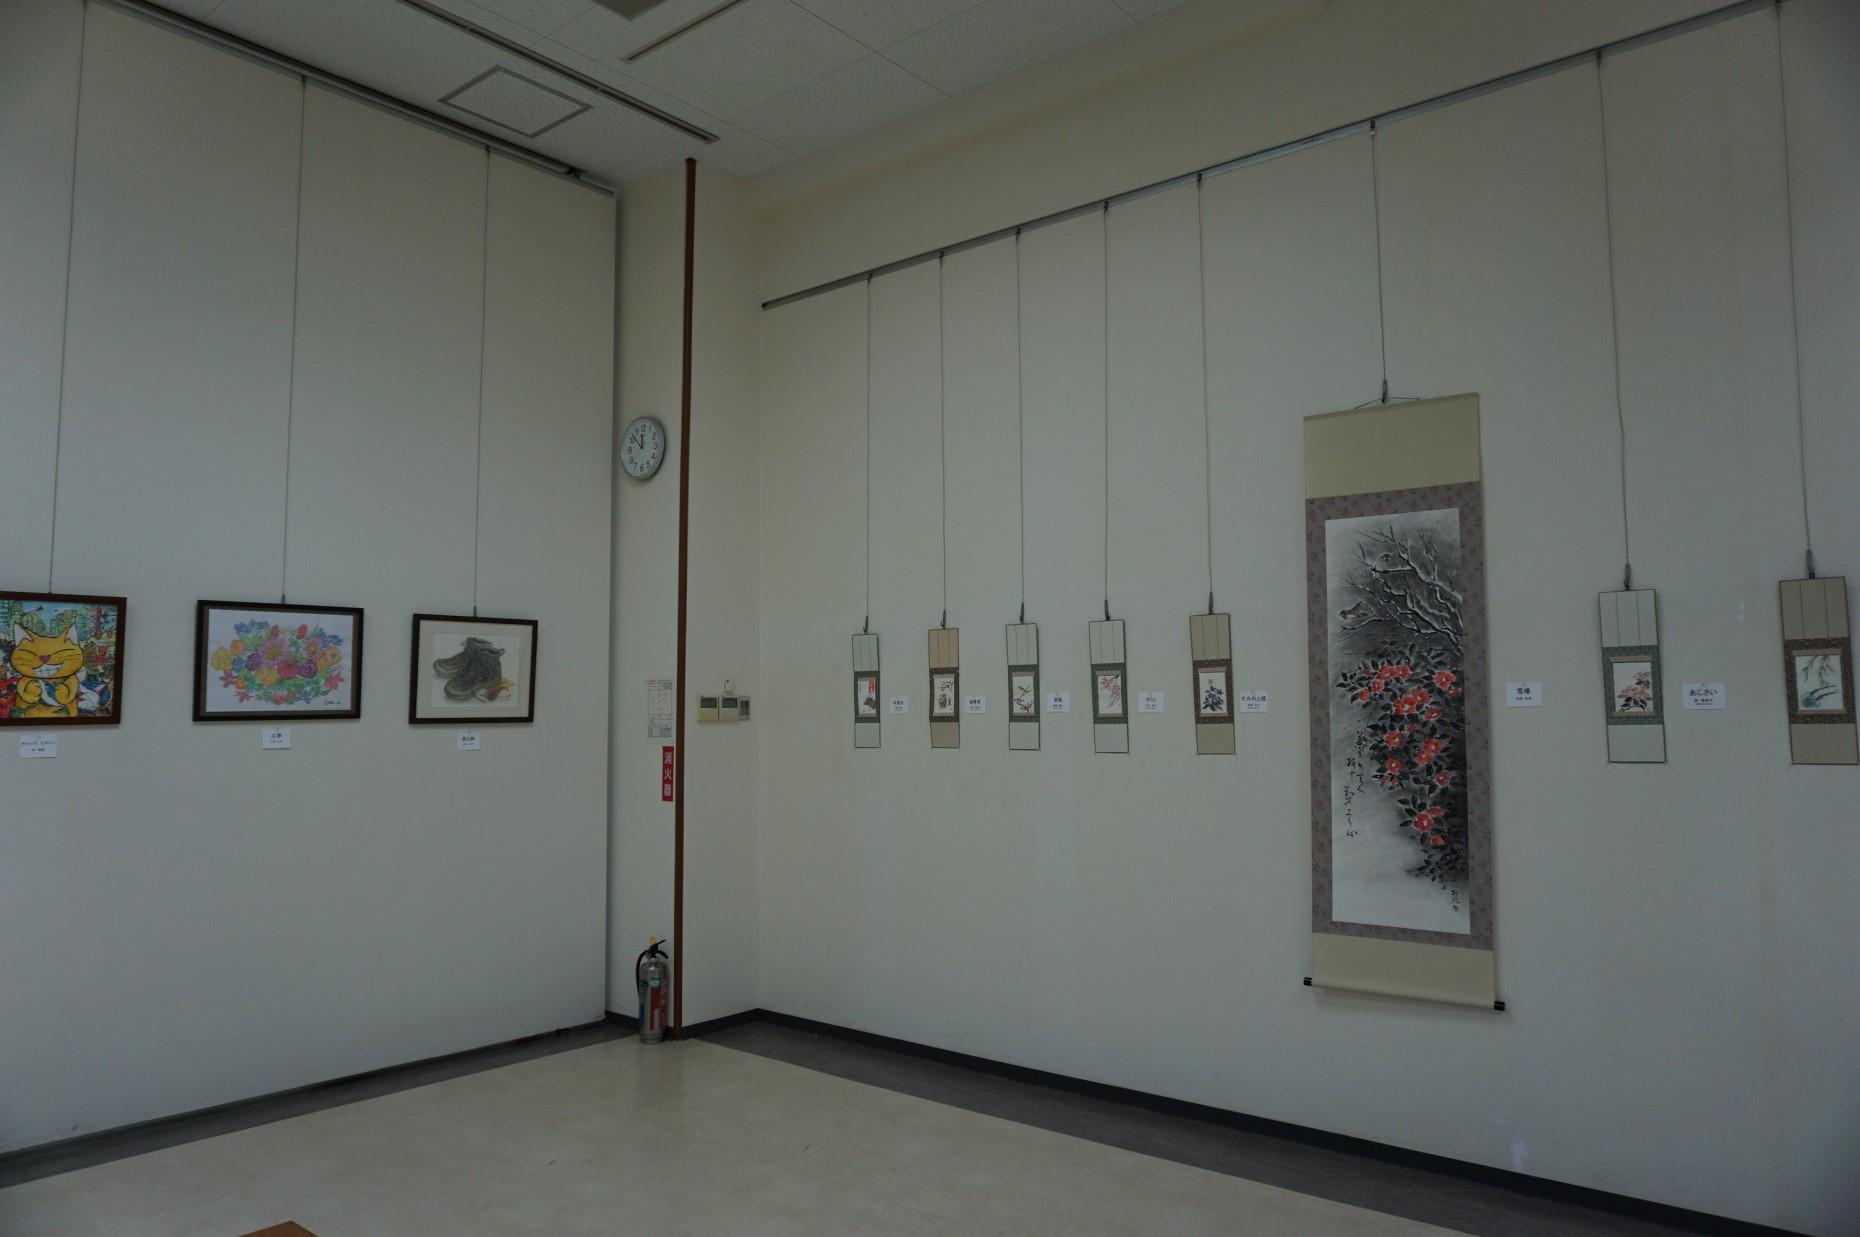 【作品募集】2021年度 みんなの区民ギャラリー展